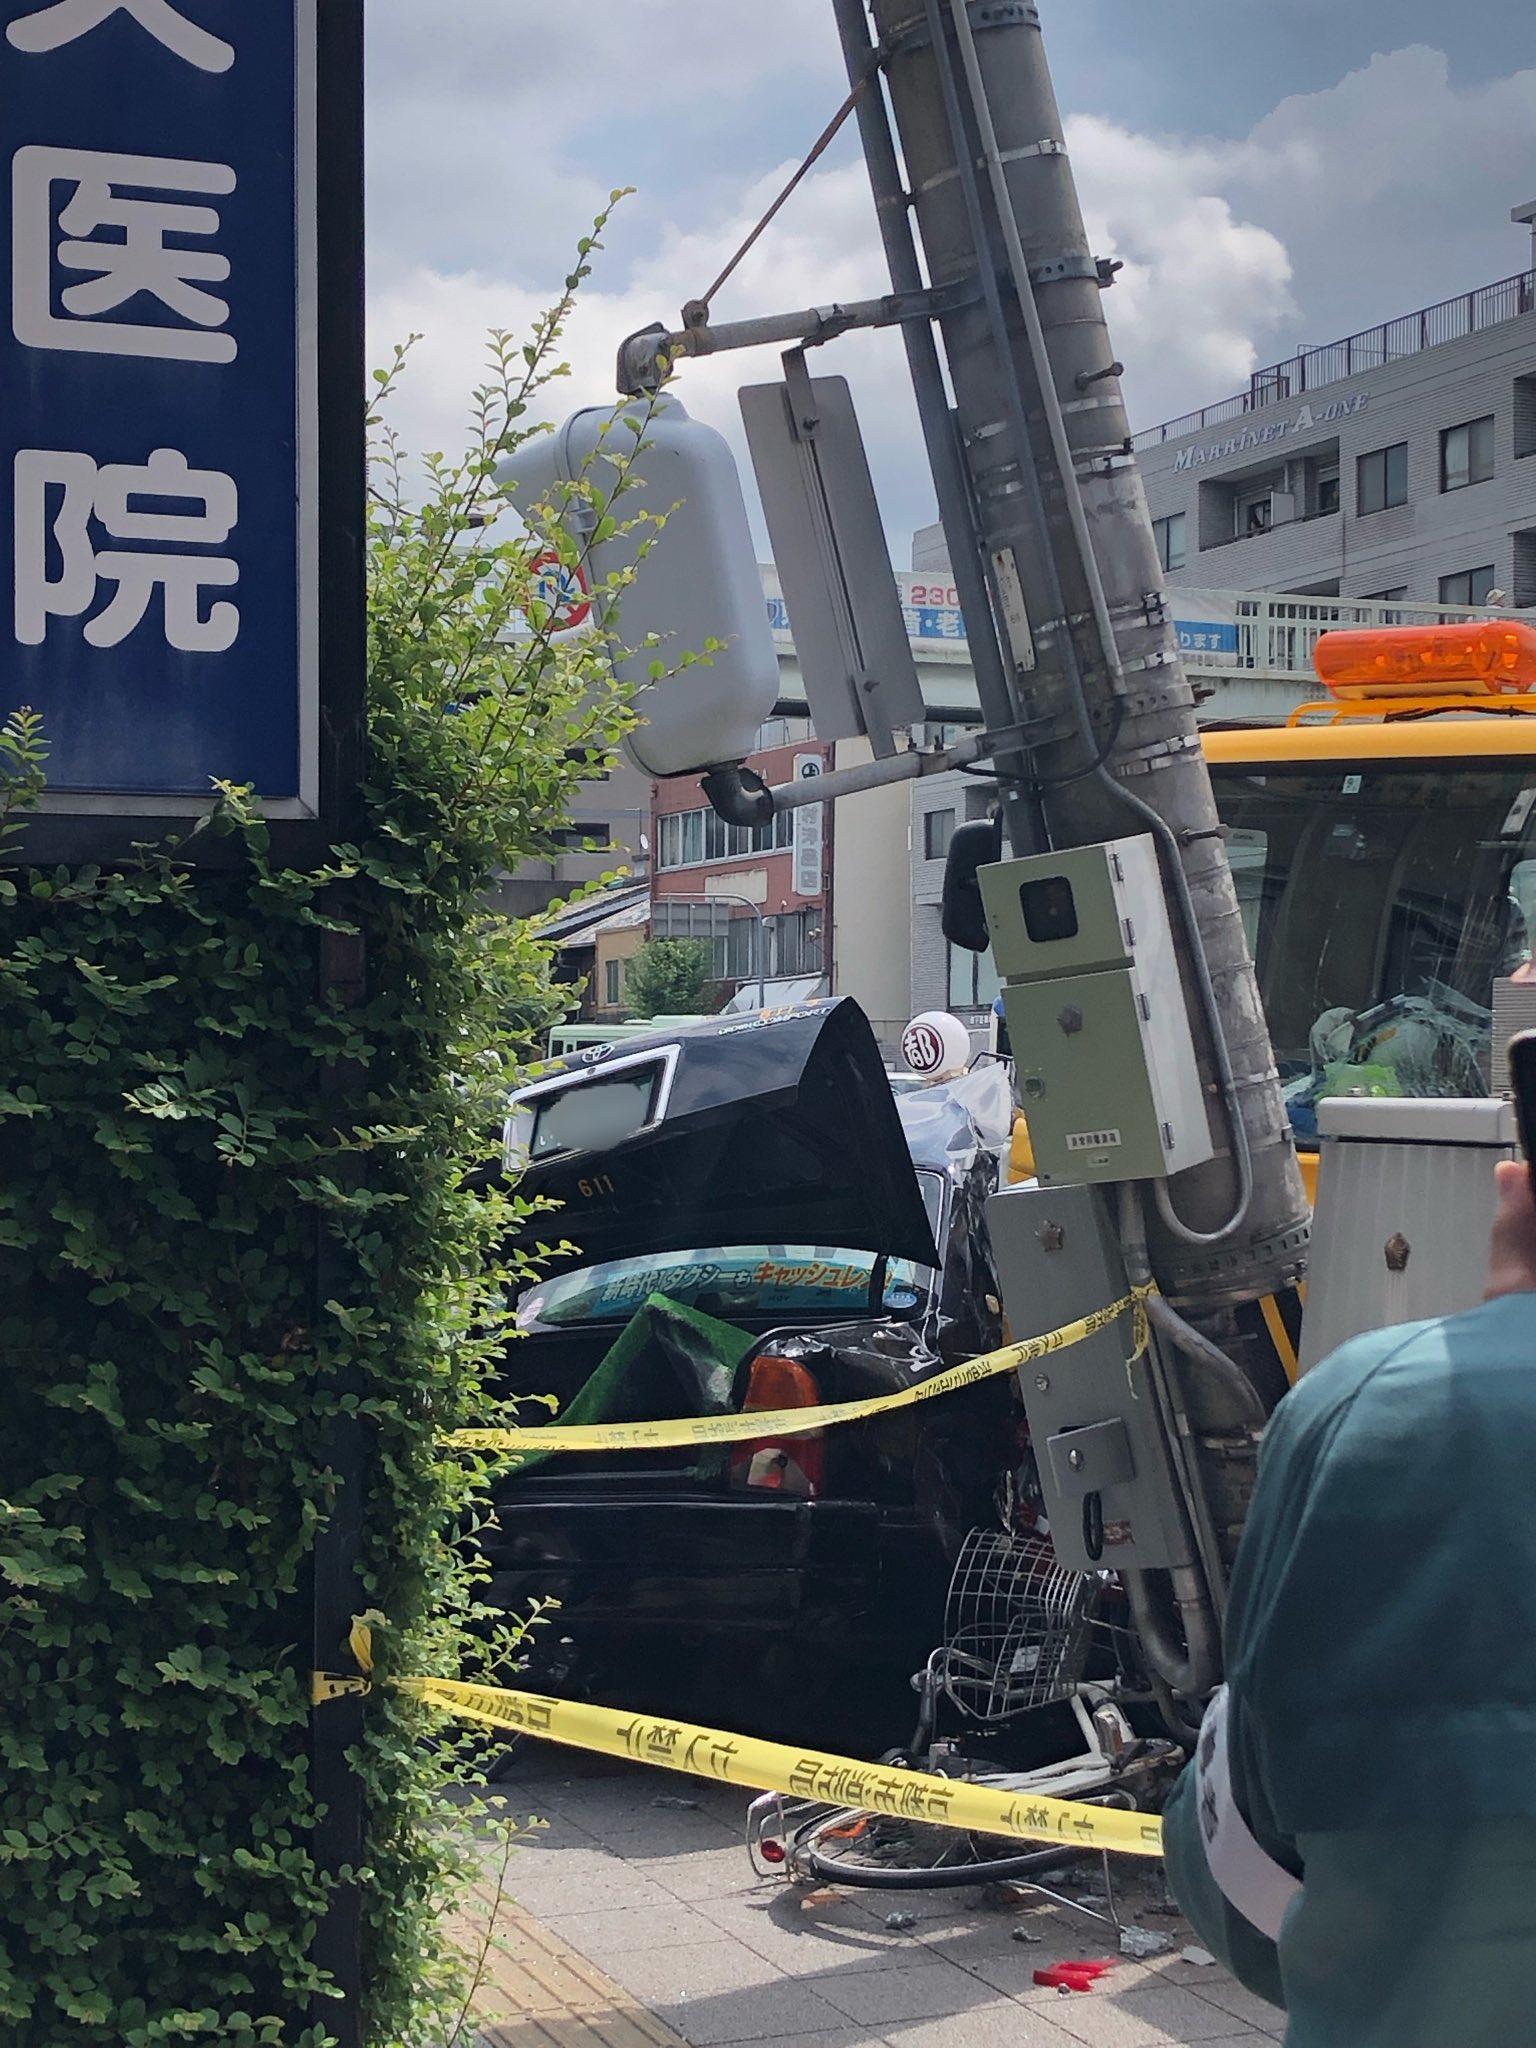 画像,毎月の弘法市してる東寺の交差点ですごい事故…マスコミさんも来てる。 https://t.co/QI5dd6Z5A6。